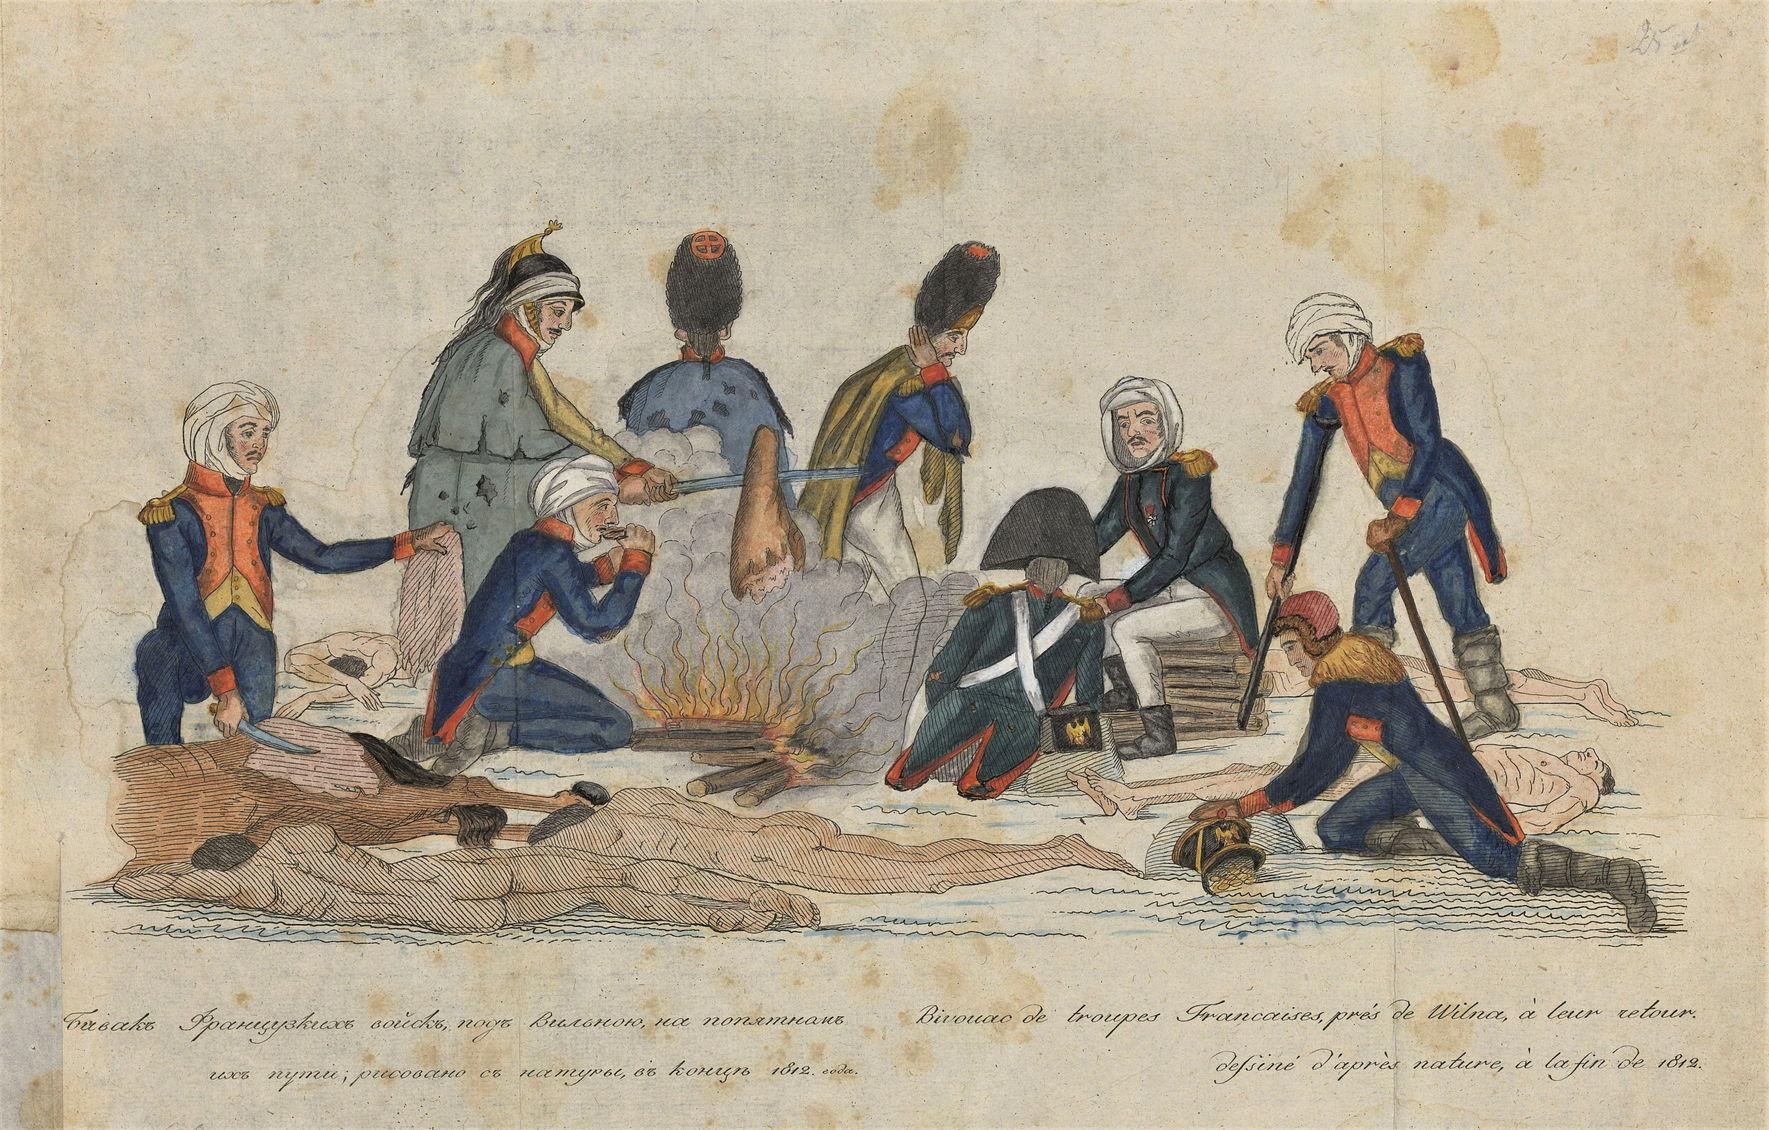 Михаил Богучаров Бивуак французских войск под Вильною, на попятном их пути. 1813 г. Бумага, гравюра раскрашенная